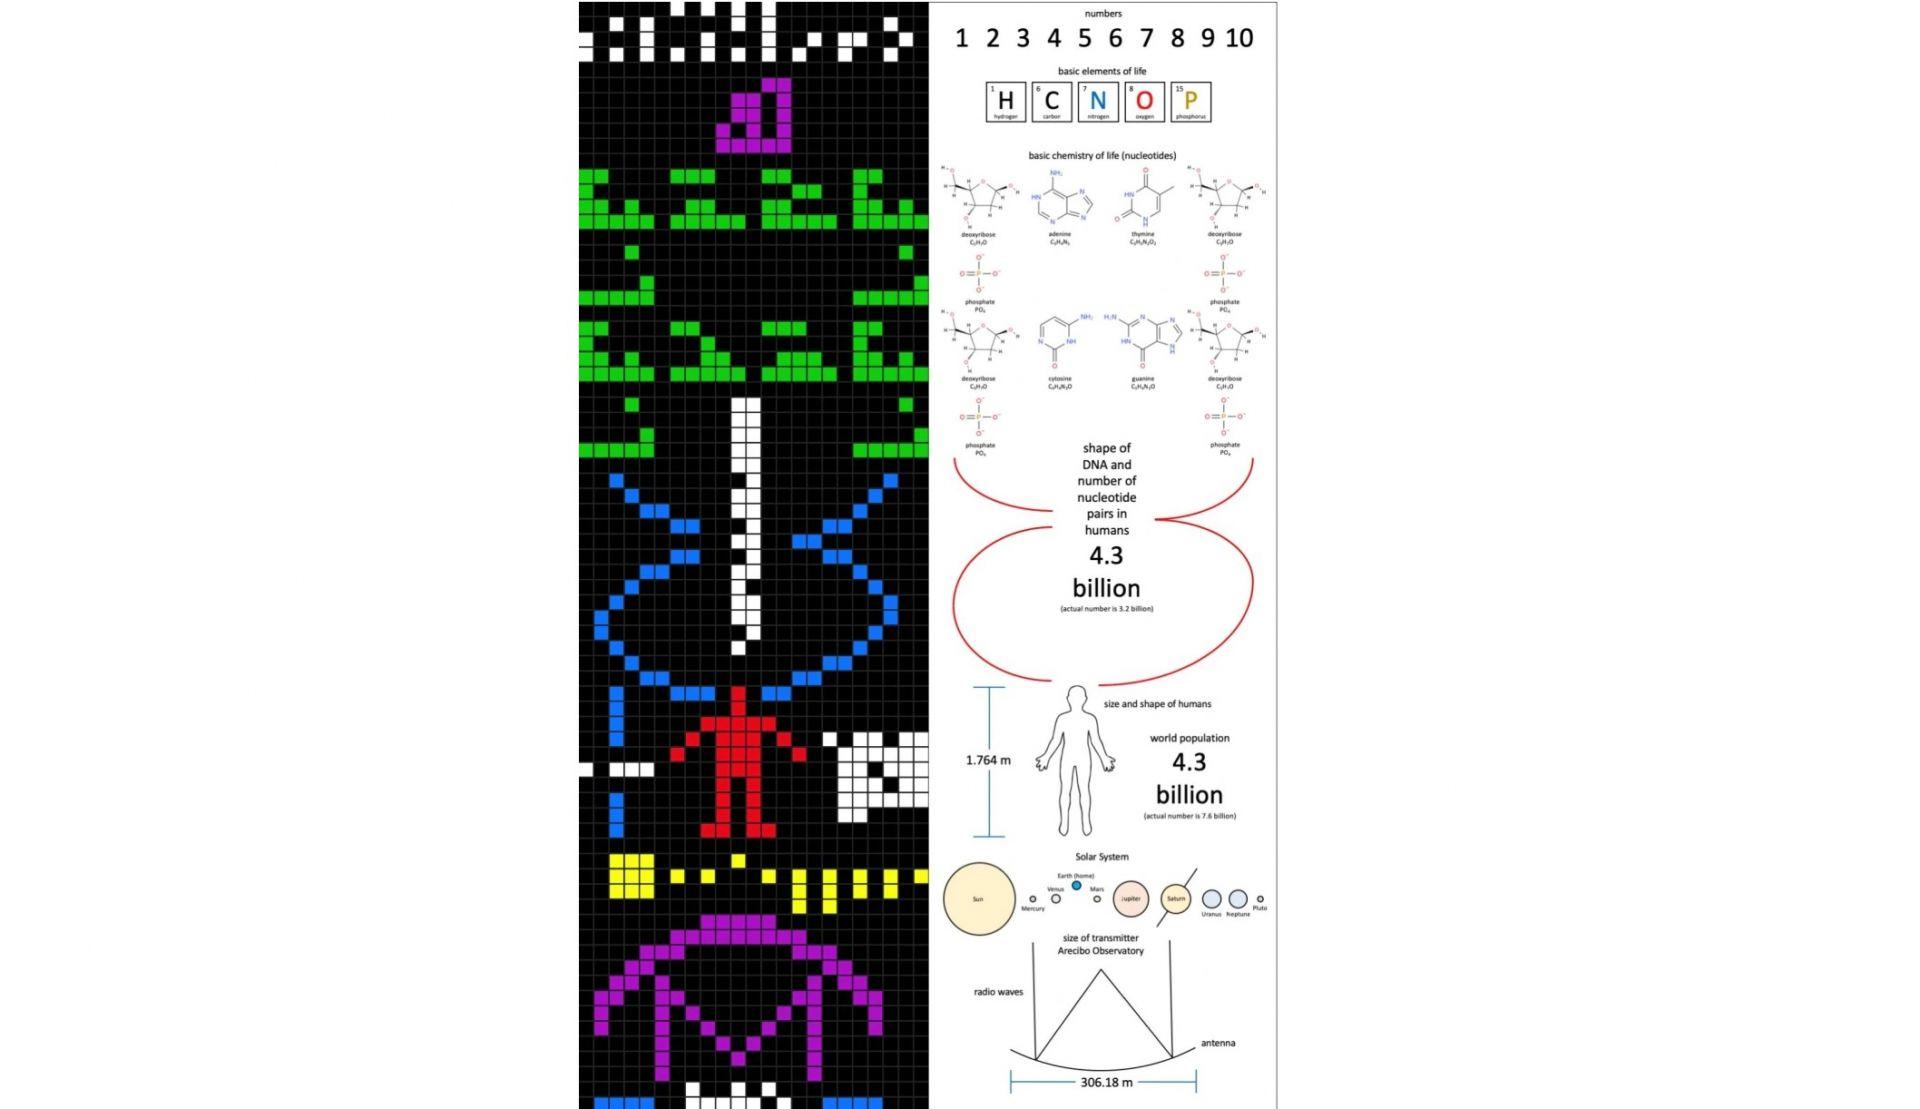 Съобщението от Аресибо бе първият сигнал, изпратен от човечеството къ извънземни